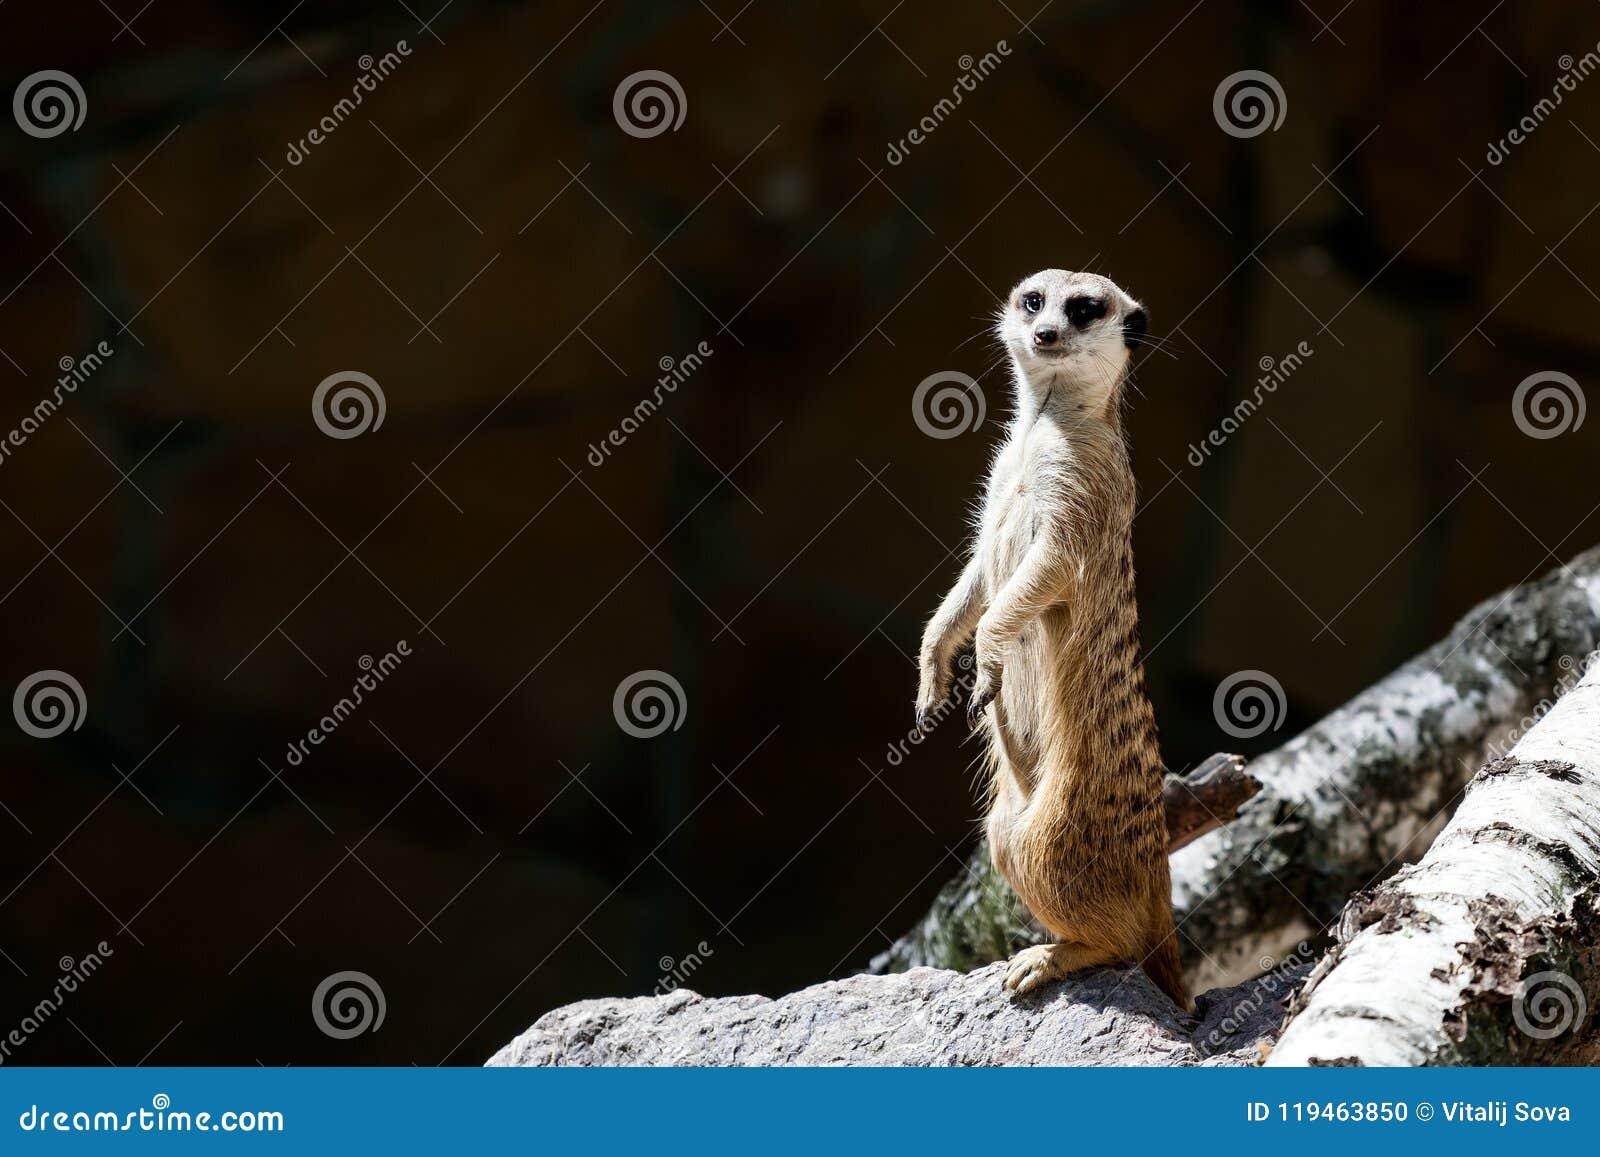 Adult Meerkat Stock Photo Image Of Eyes Hair Cute 119463850